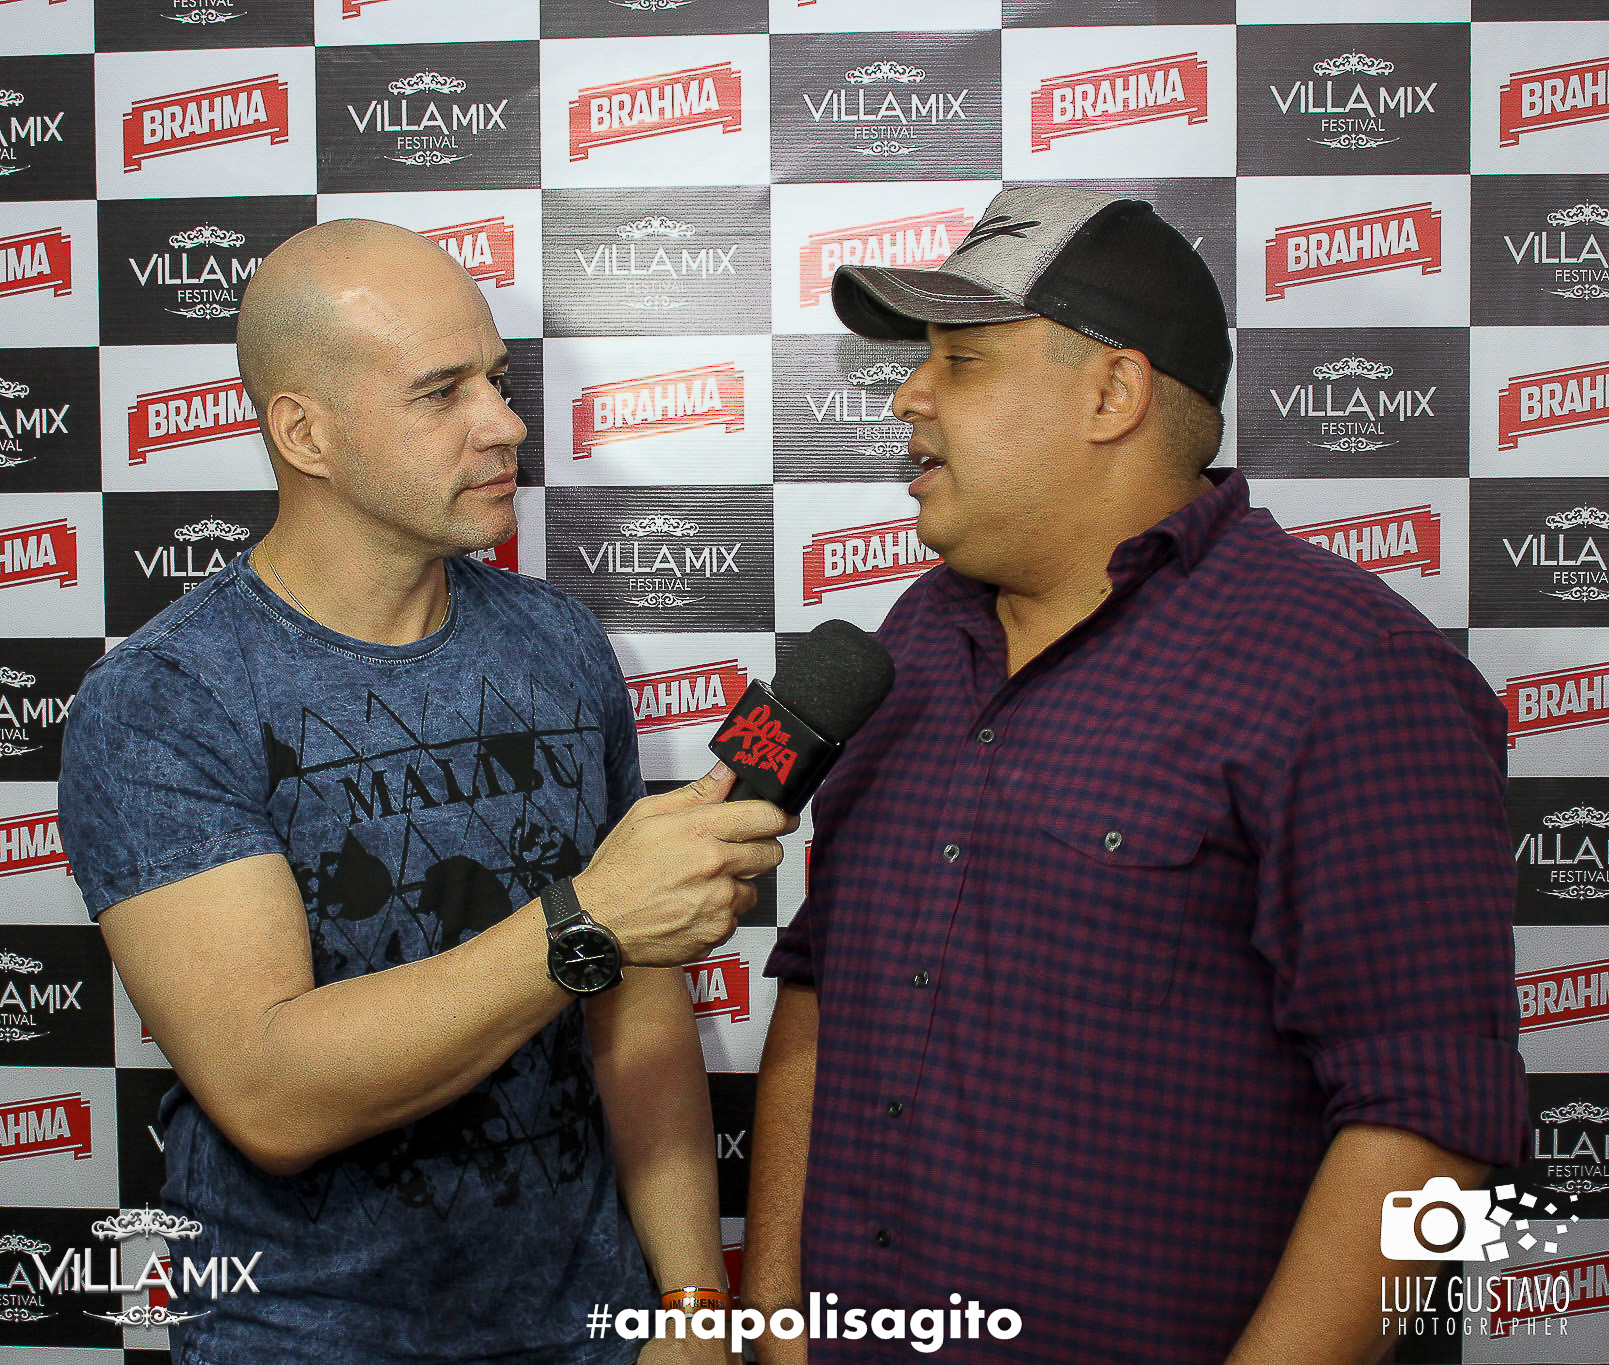 Luiz Gustavo Photographer (91 de 327)